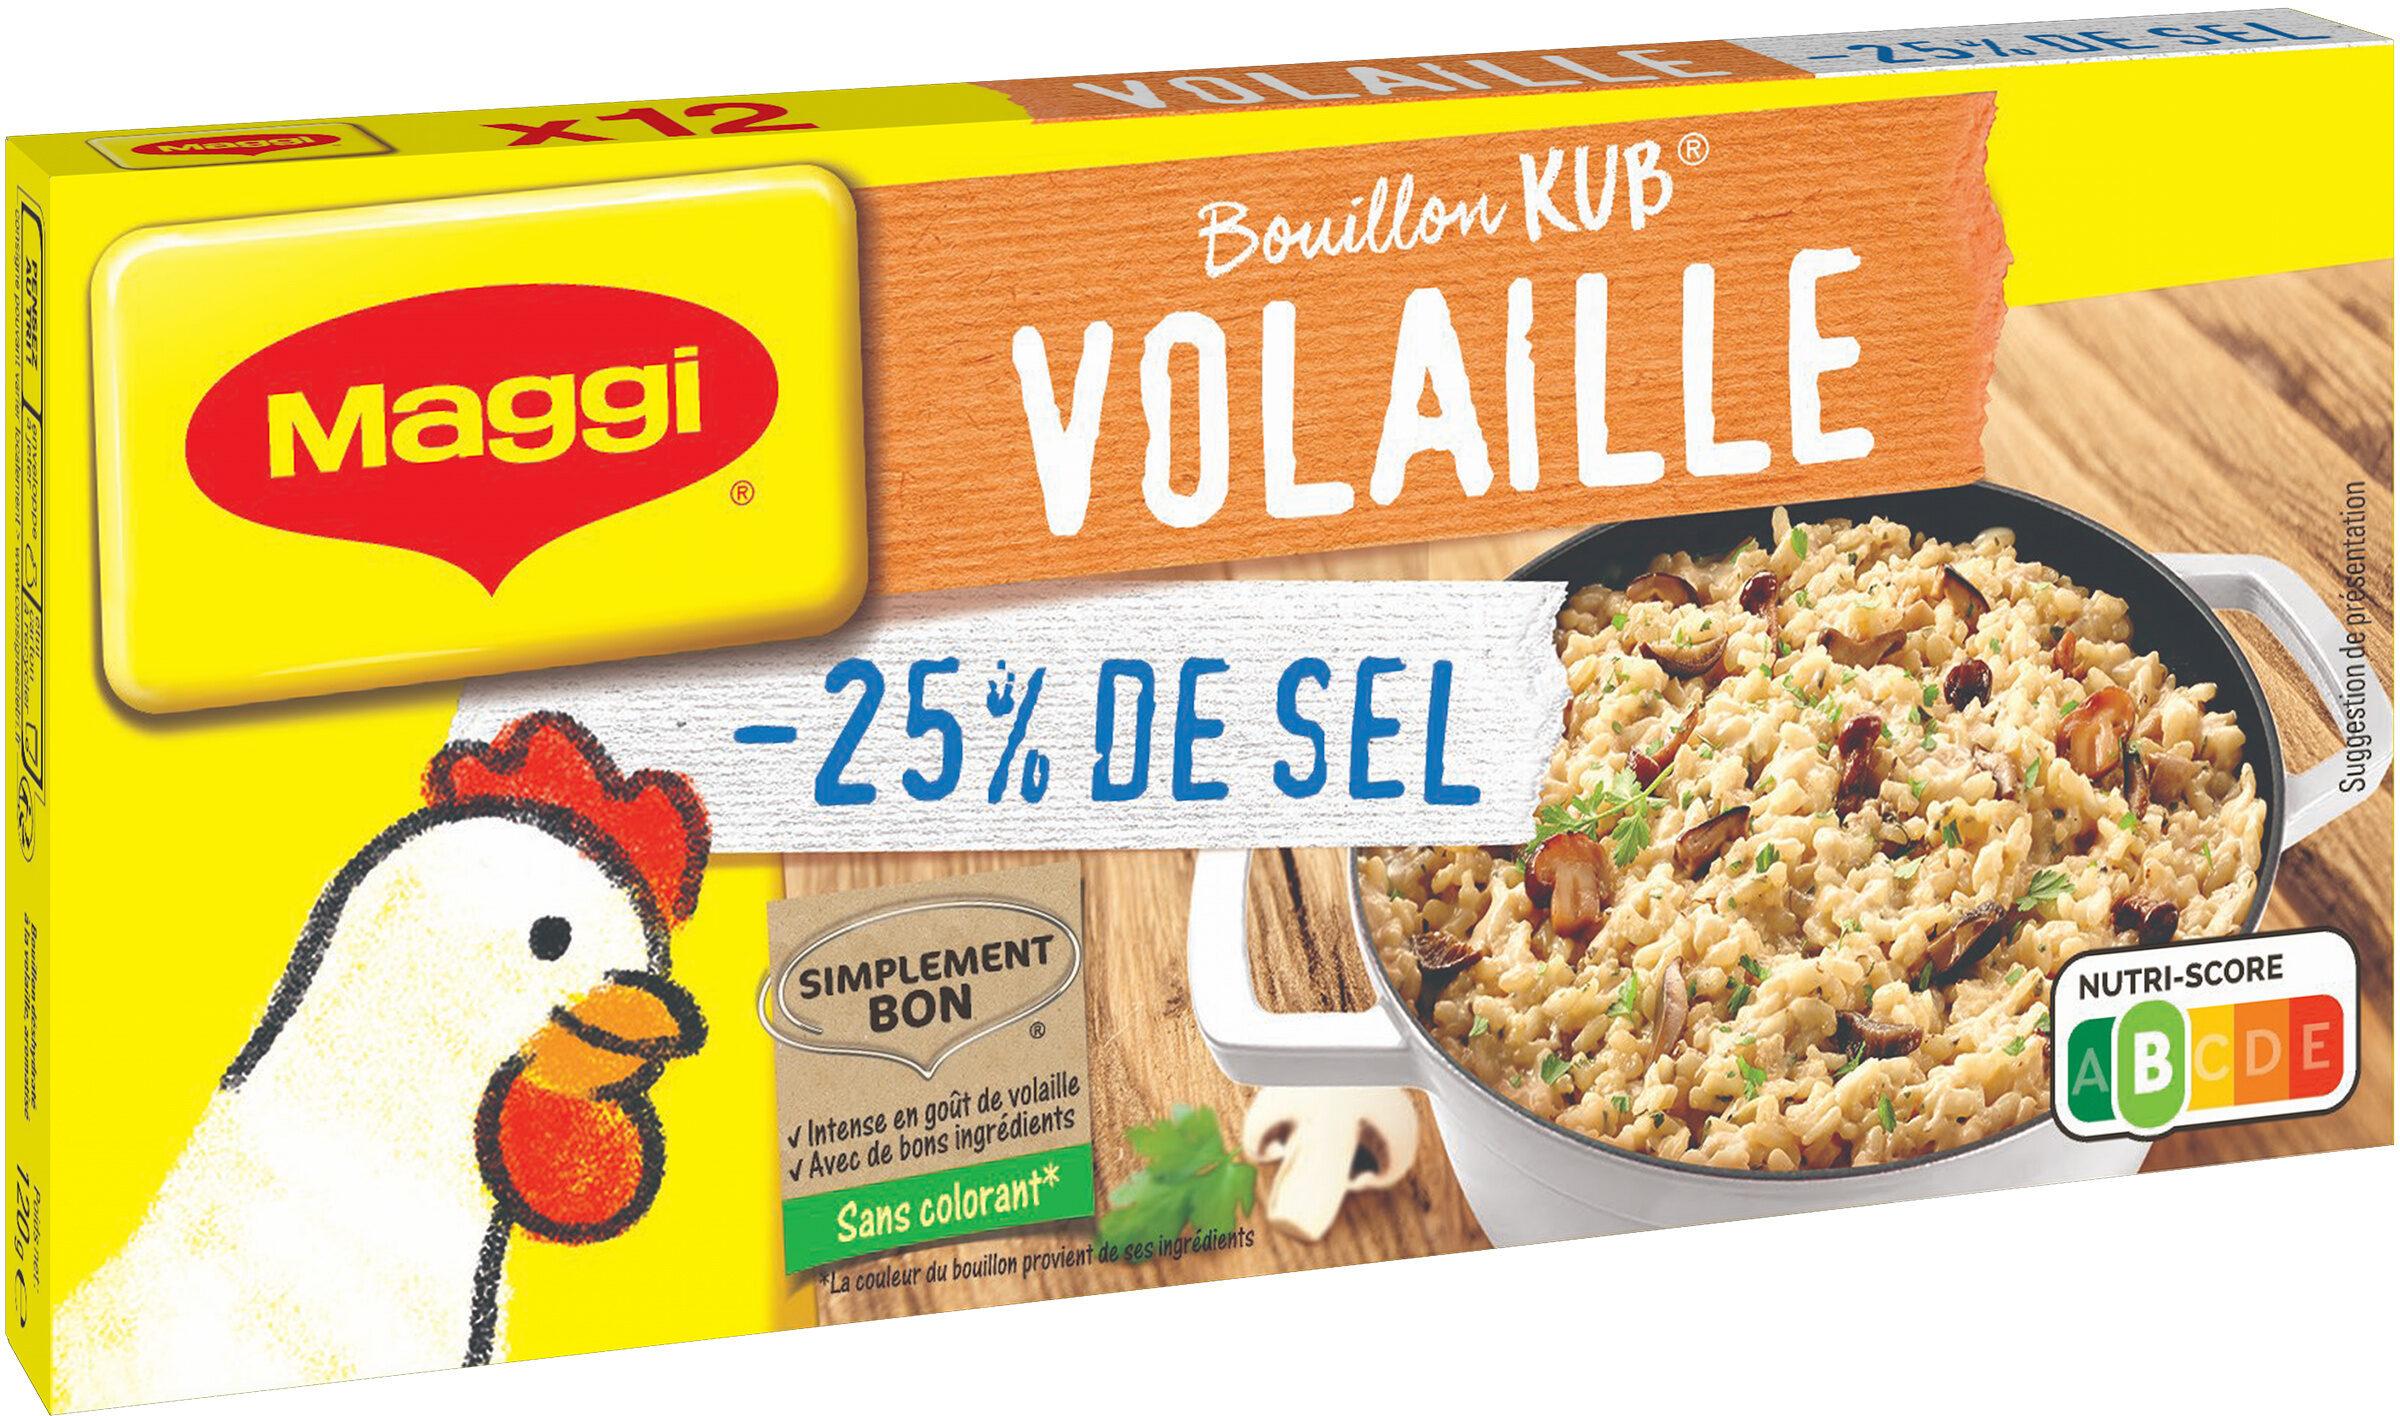 MAGGI Bouillon KUB Volaille Réduit en sel de -25% - Prodotto - fr